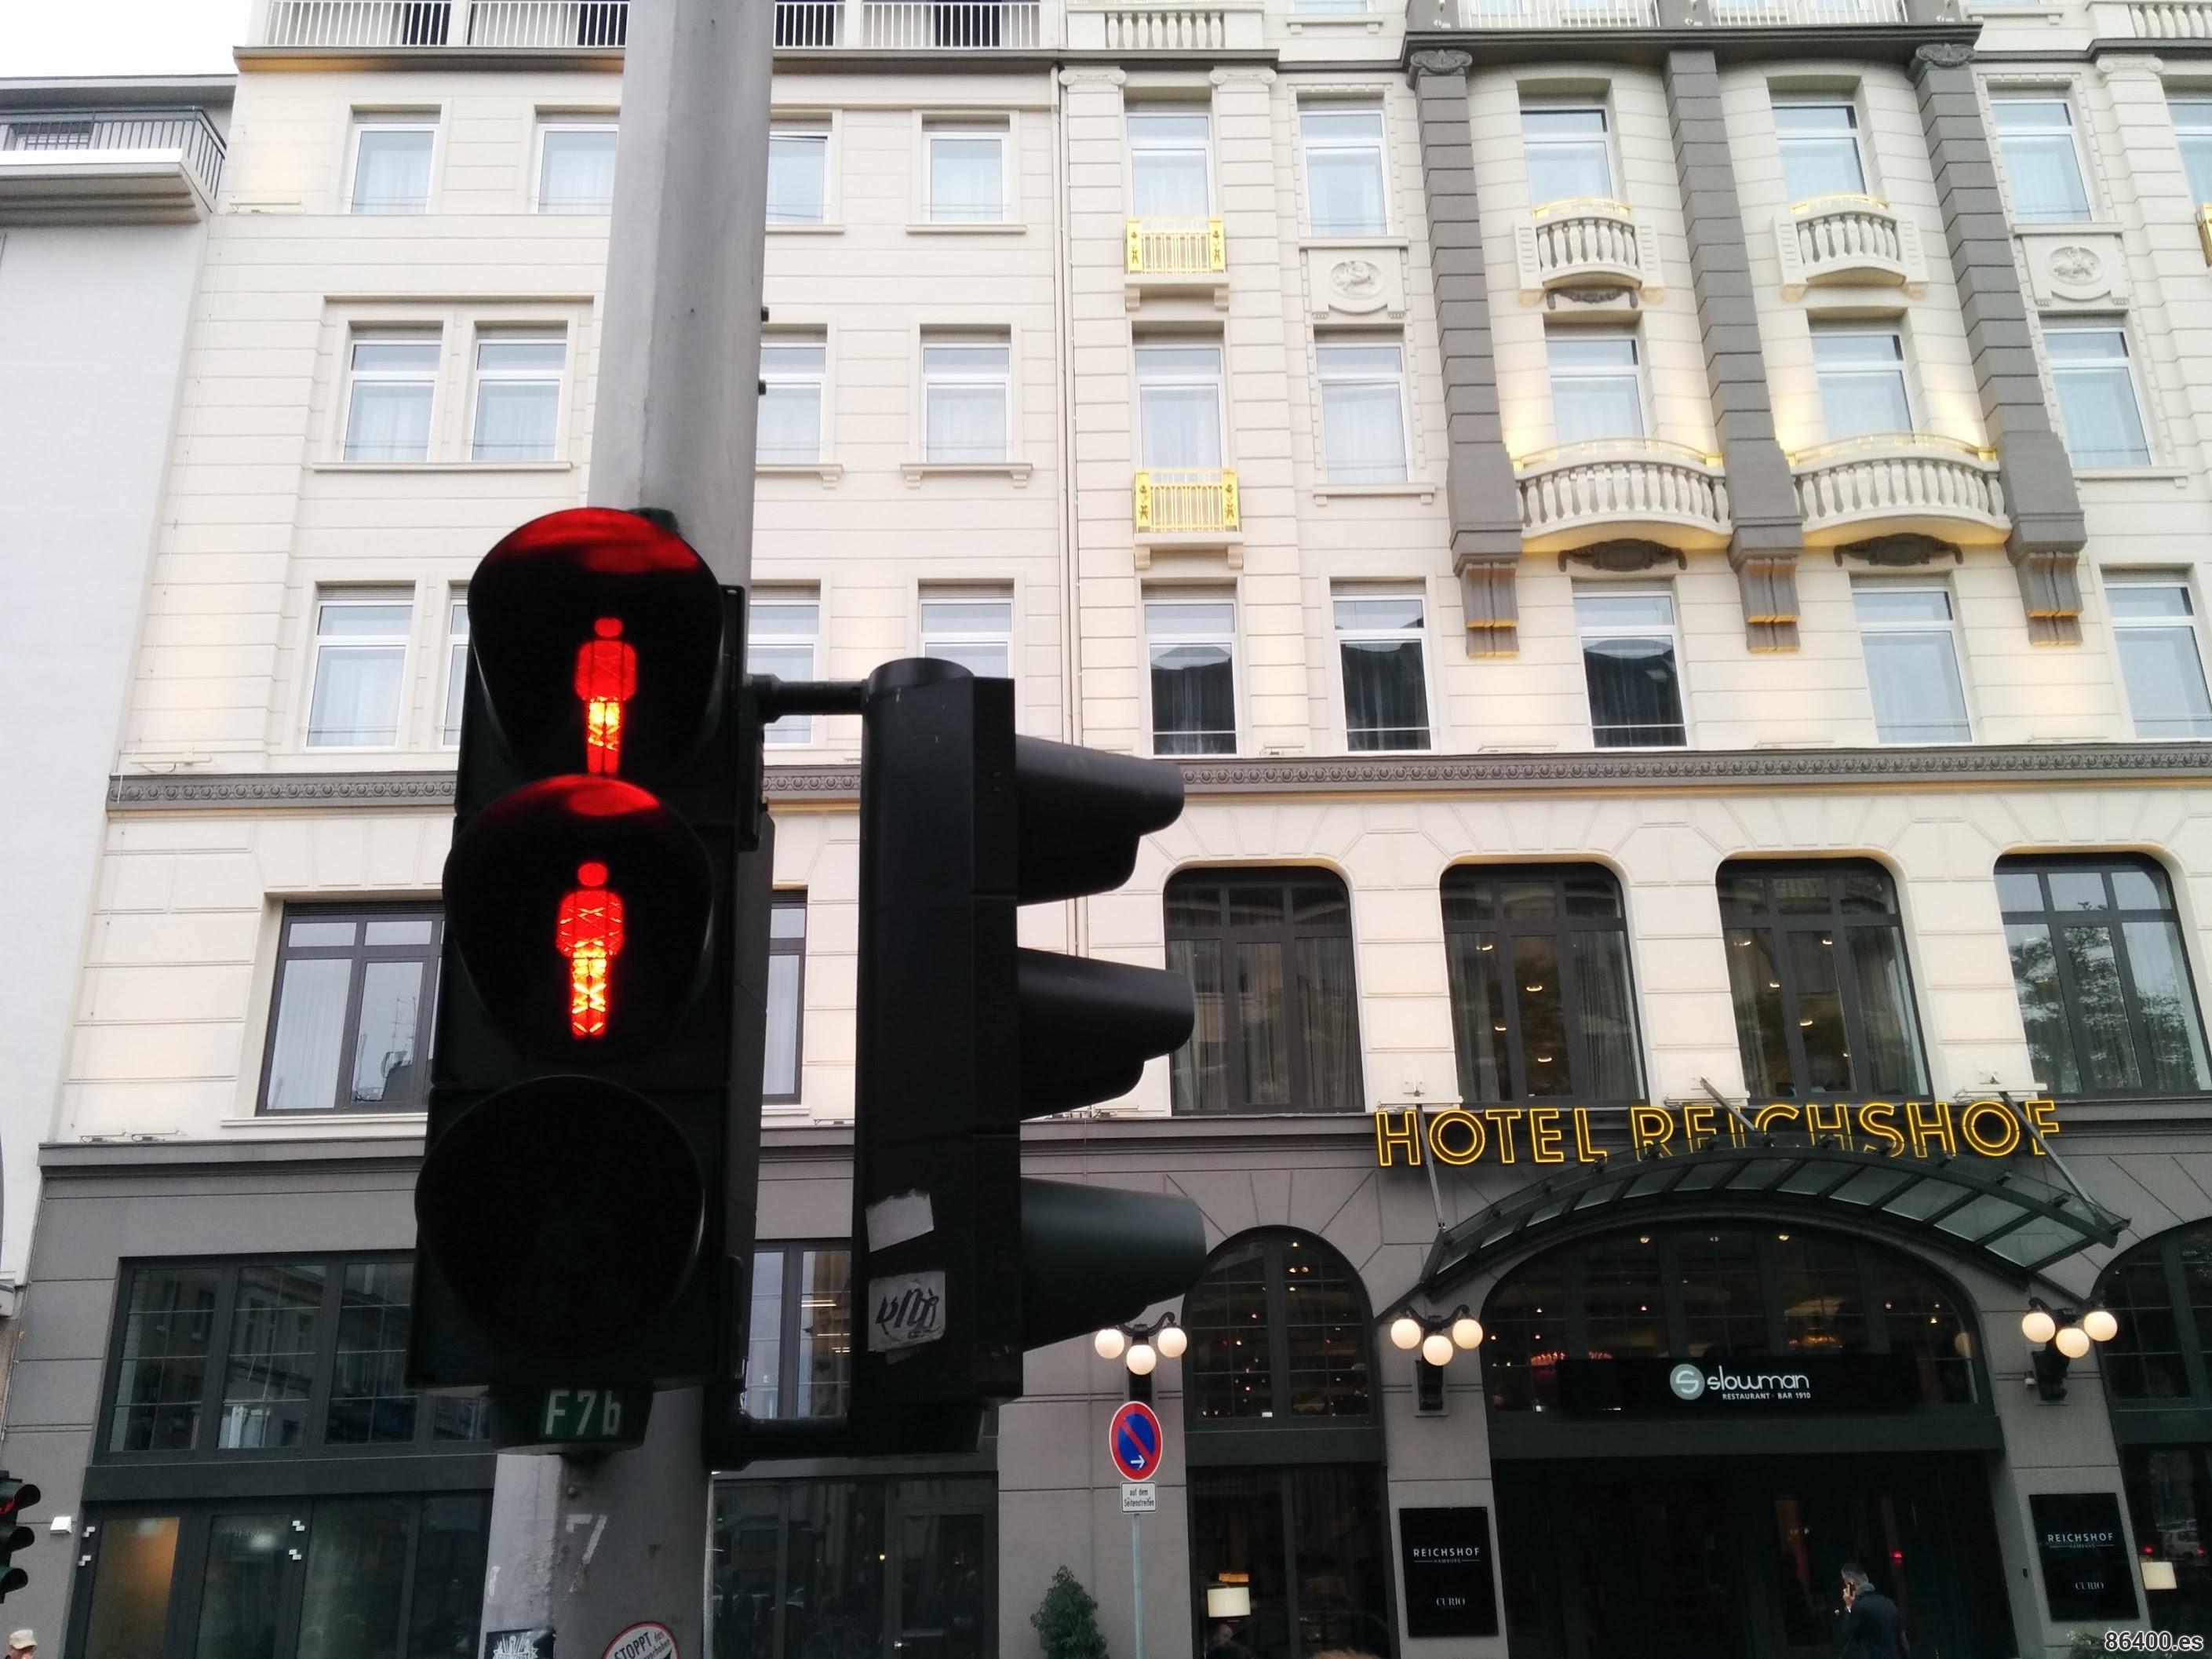 Dos hombrecillos rojos en el semáforo frente al Hotel Reichshof de Hamburgo